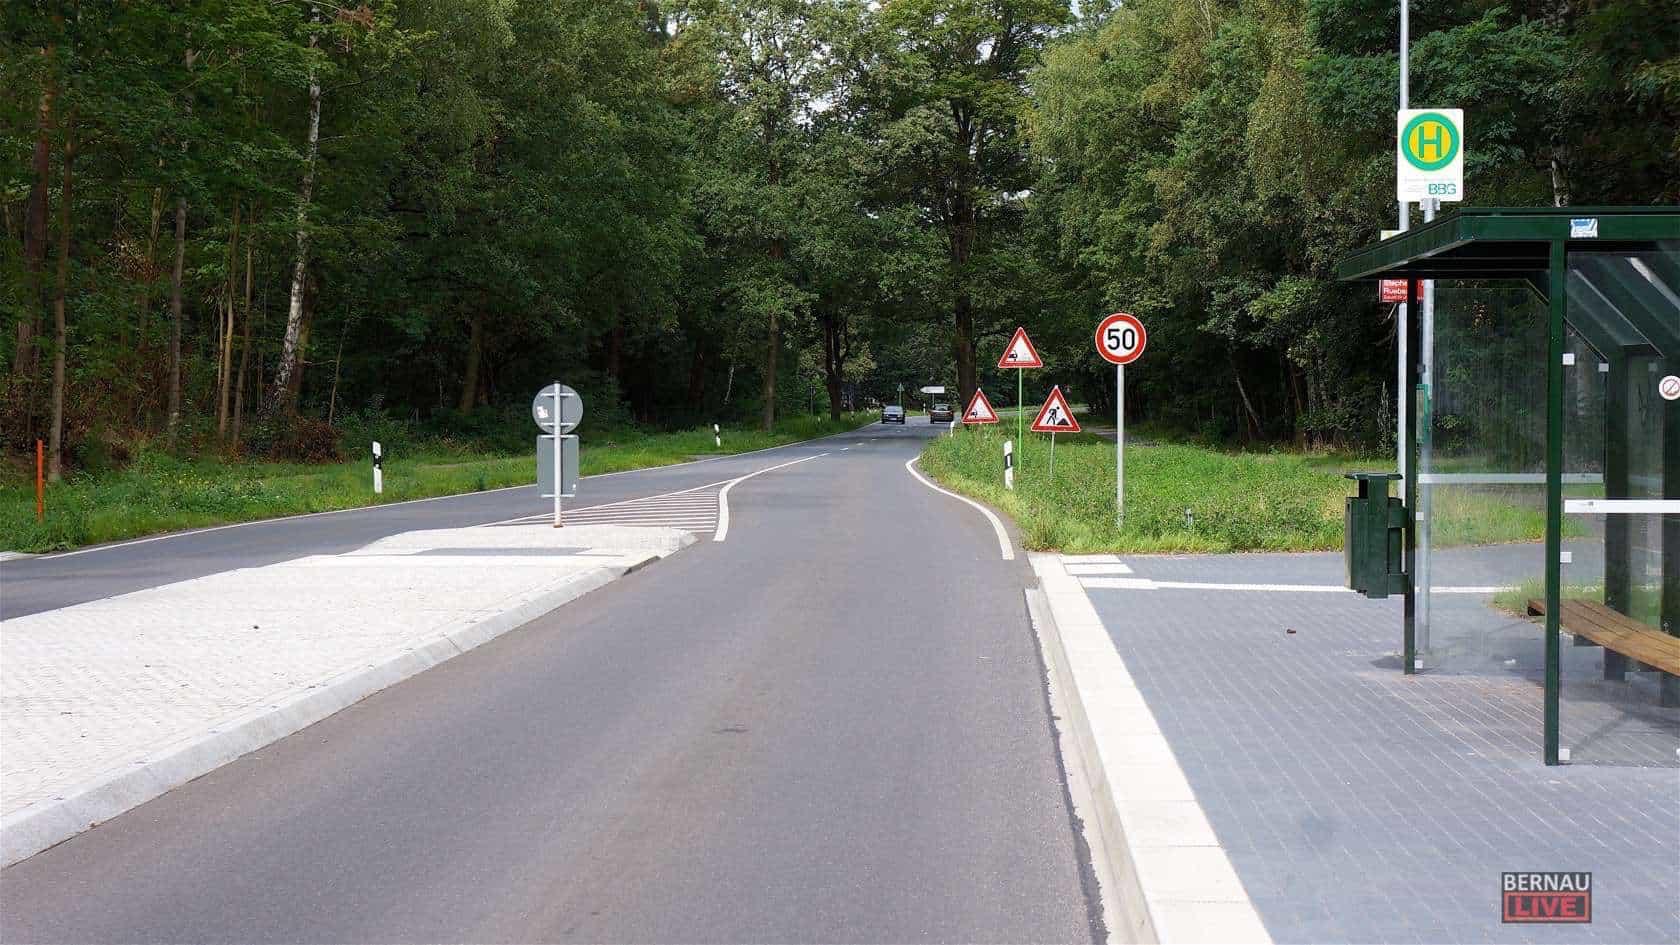 Bernau: Straßenbauarbeiten auf der B273 verlaufen nach Plan